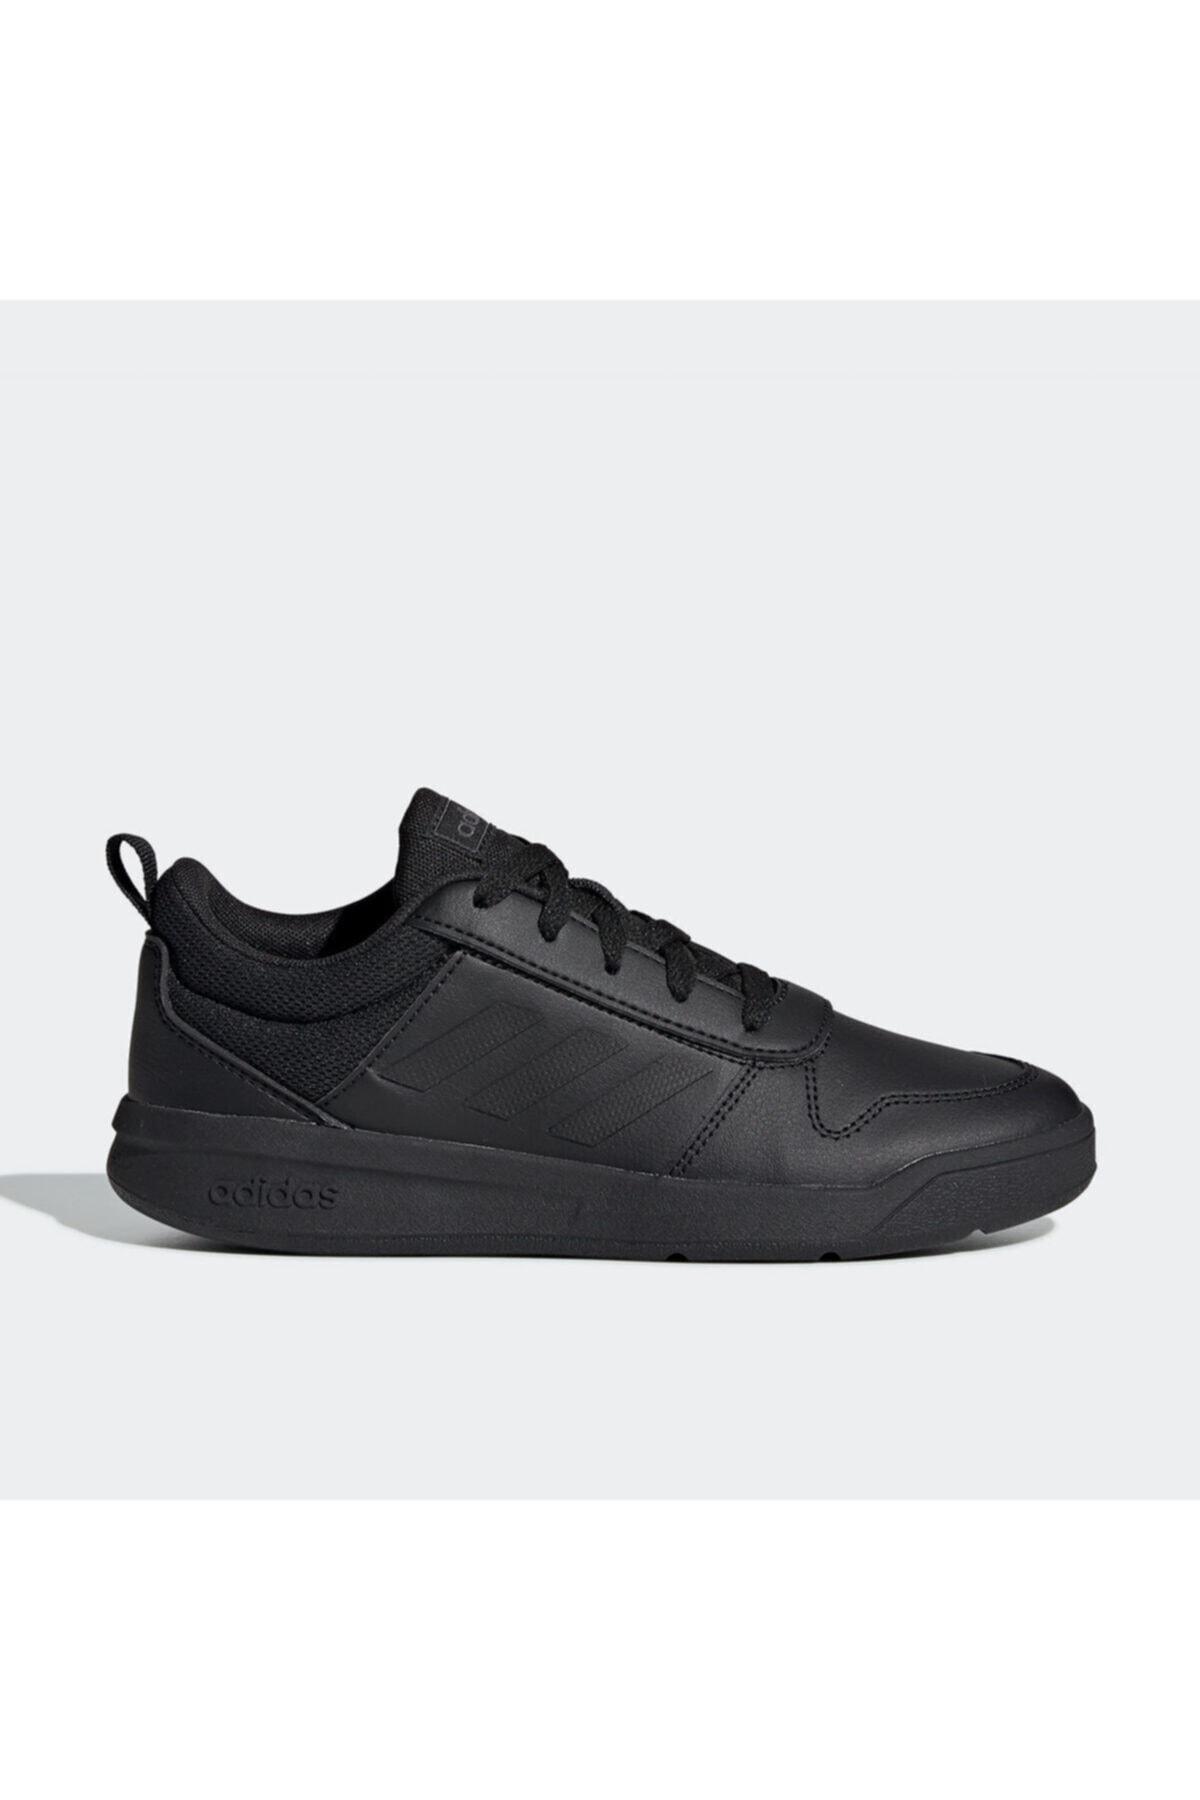 adidas TENSAUR Siyah Kadın Koşu Ayakkabısı 100538922 2